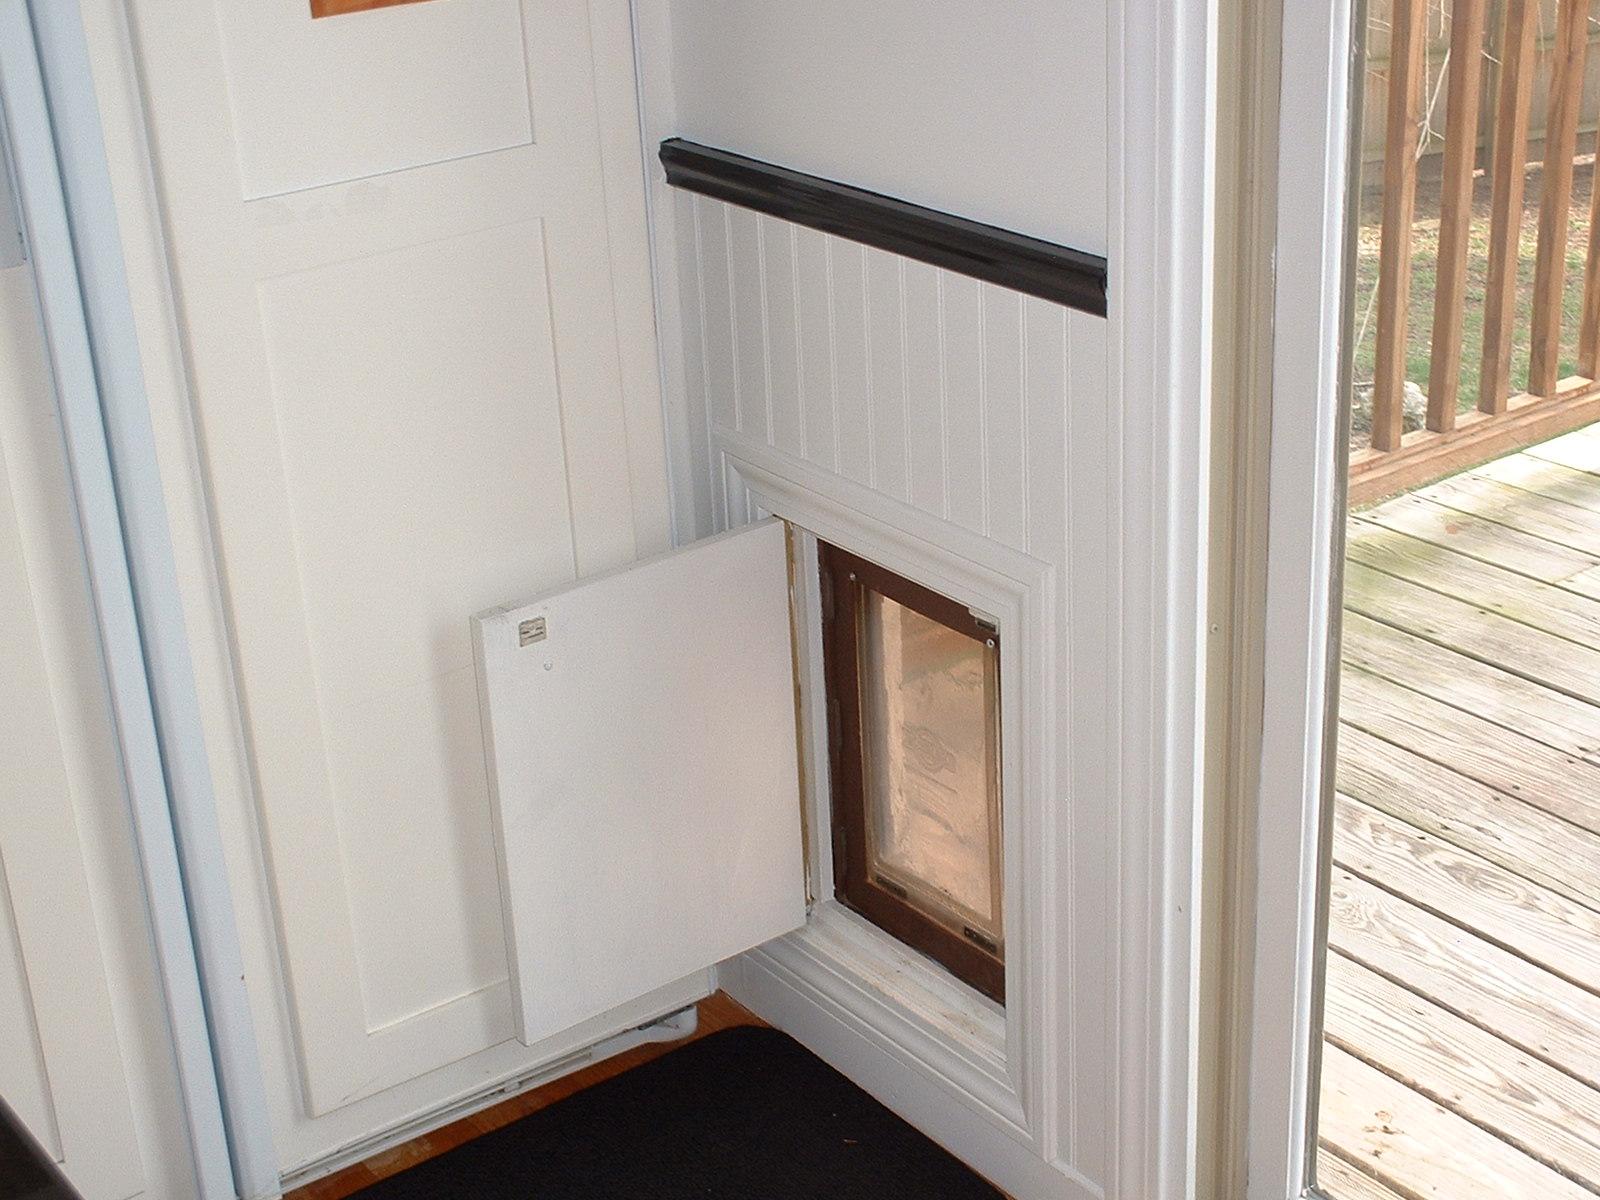 Wall Dog Door Photo   7